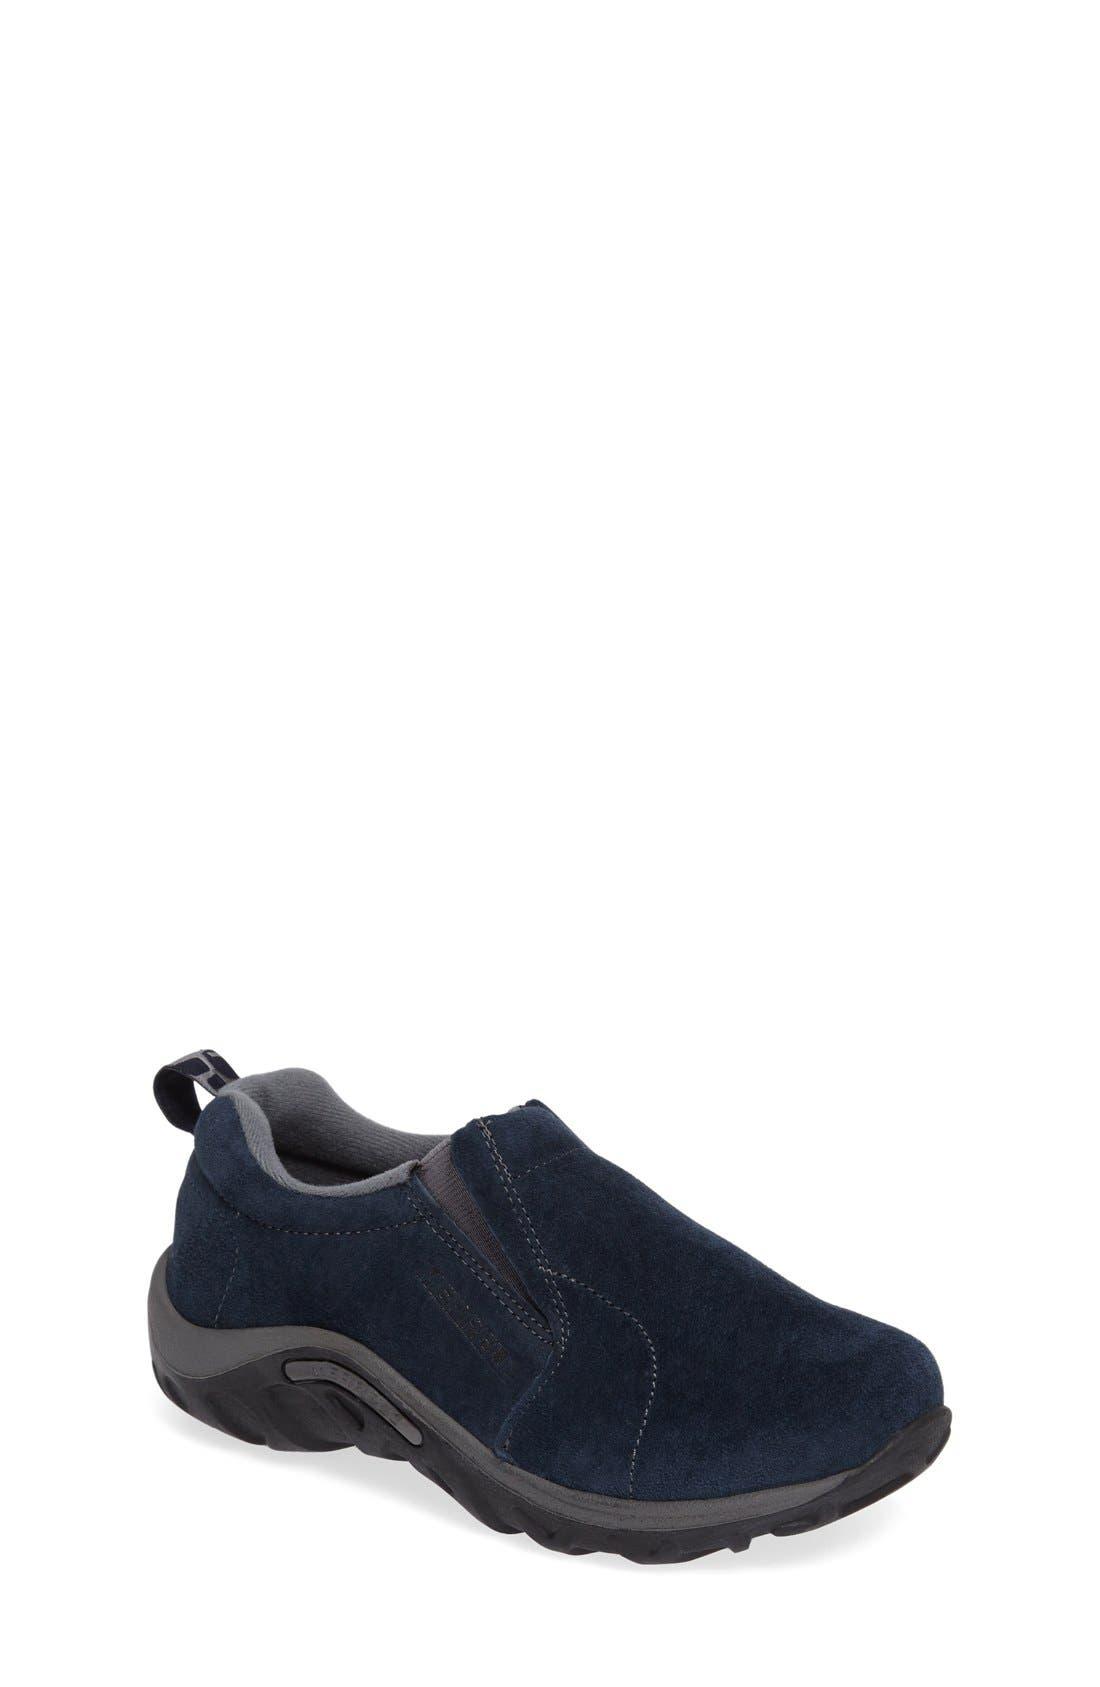 Main Image - Merrell Jungle Moc Slip-On Sneaker (Toddler, Little Kid & Big Kid)